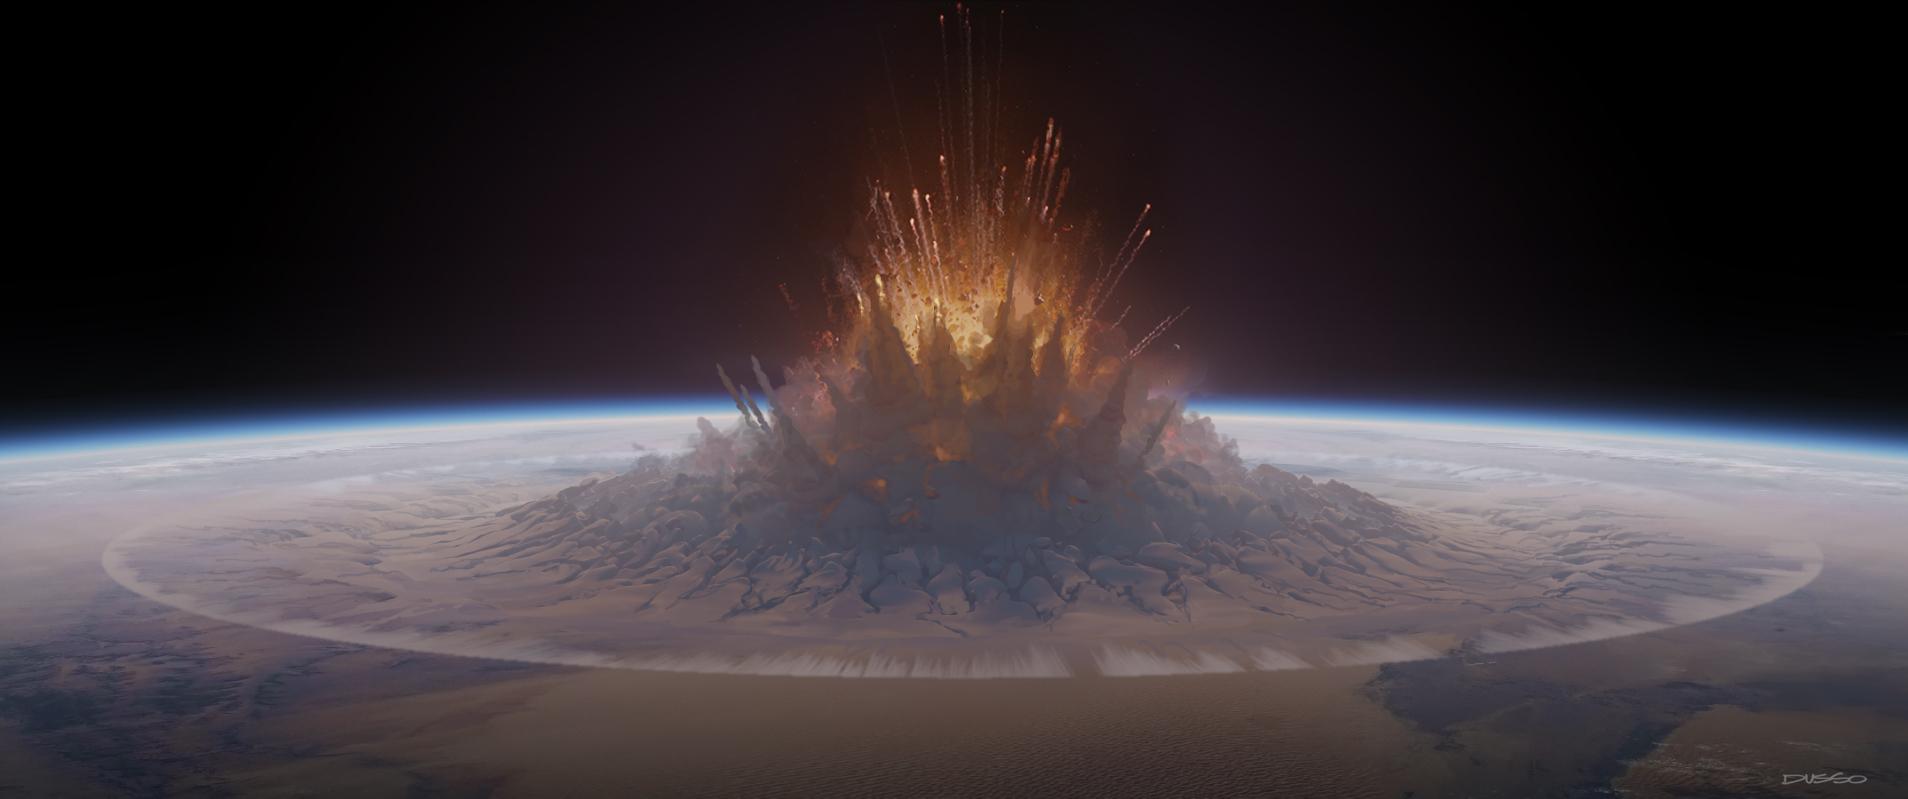 concept-art-dusseault-explosion